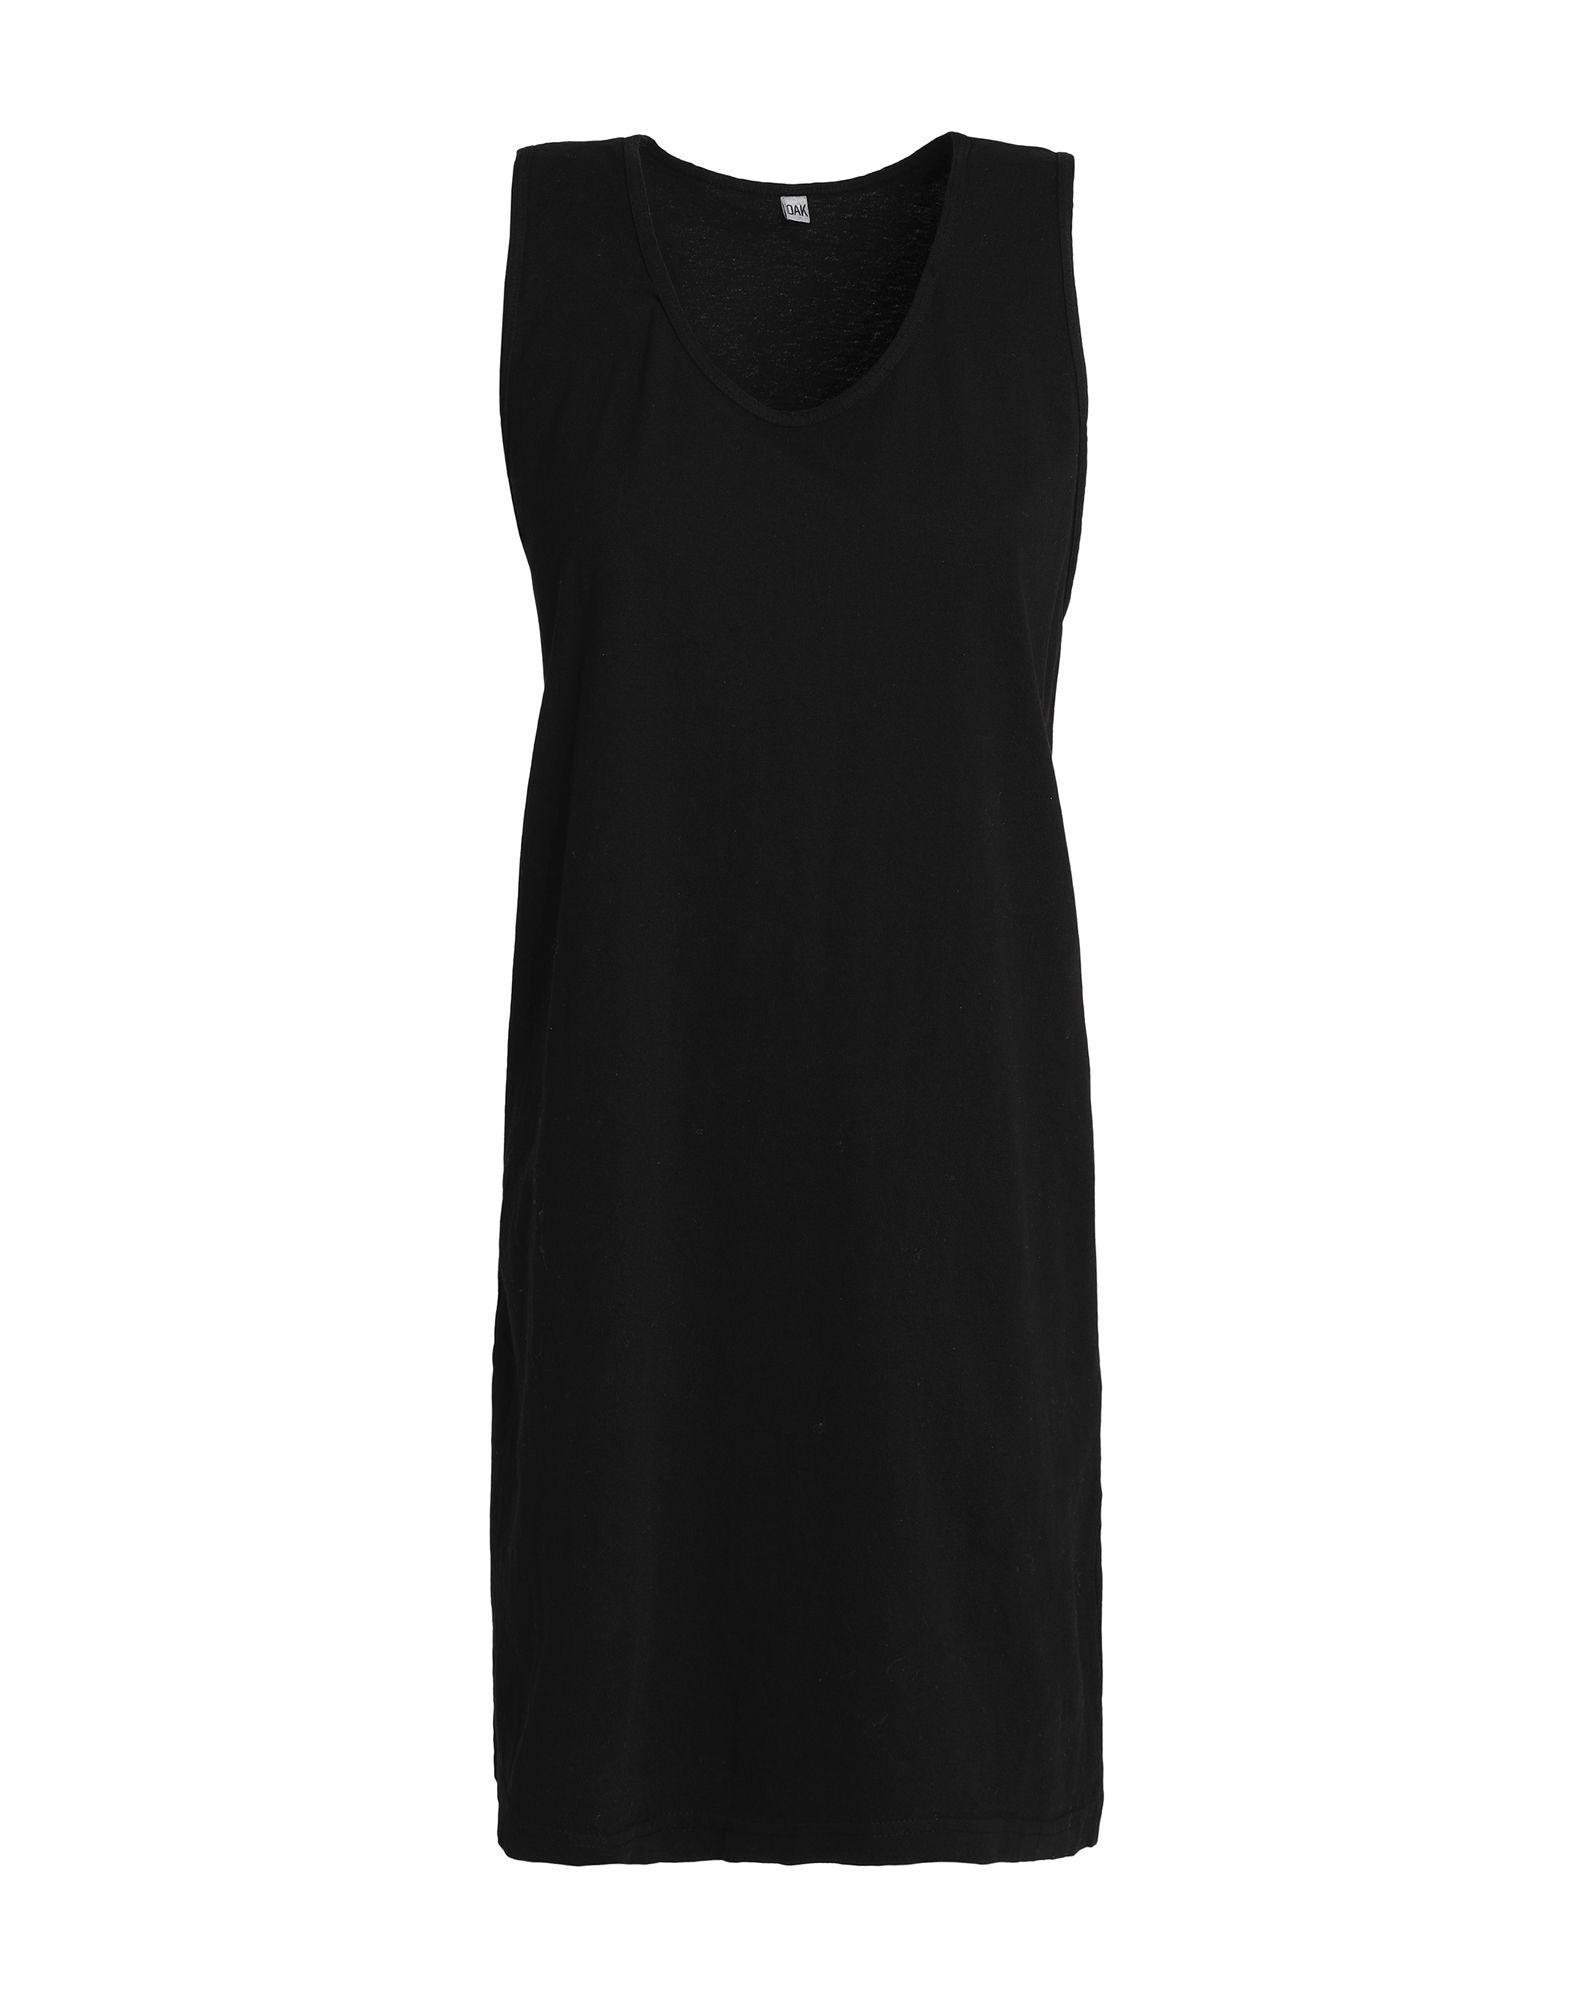 OAK Короткое платье платье короткое с графическим рисунком без рукавов